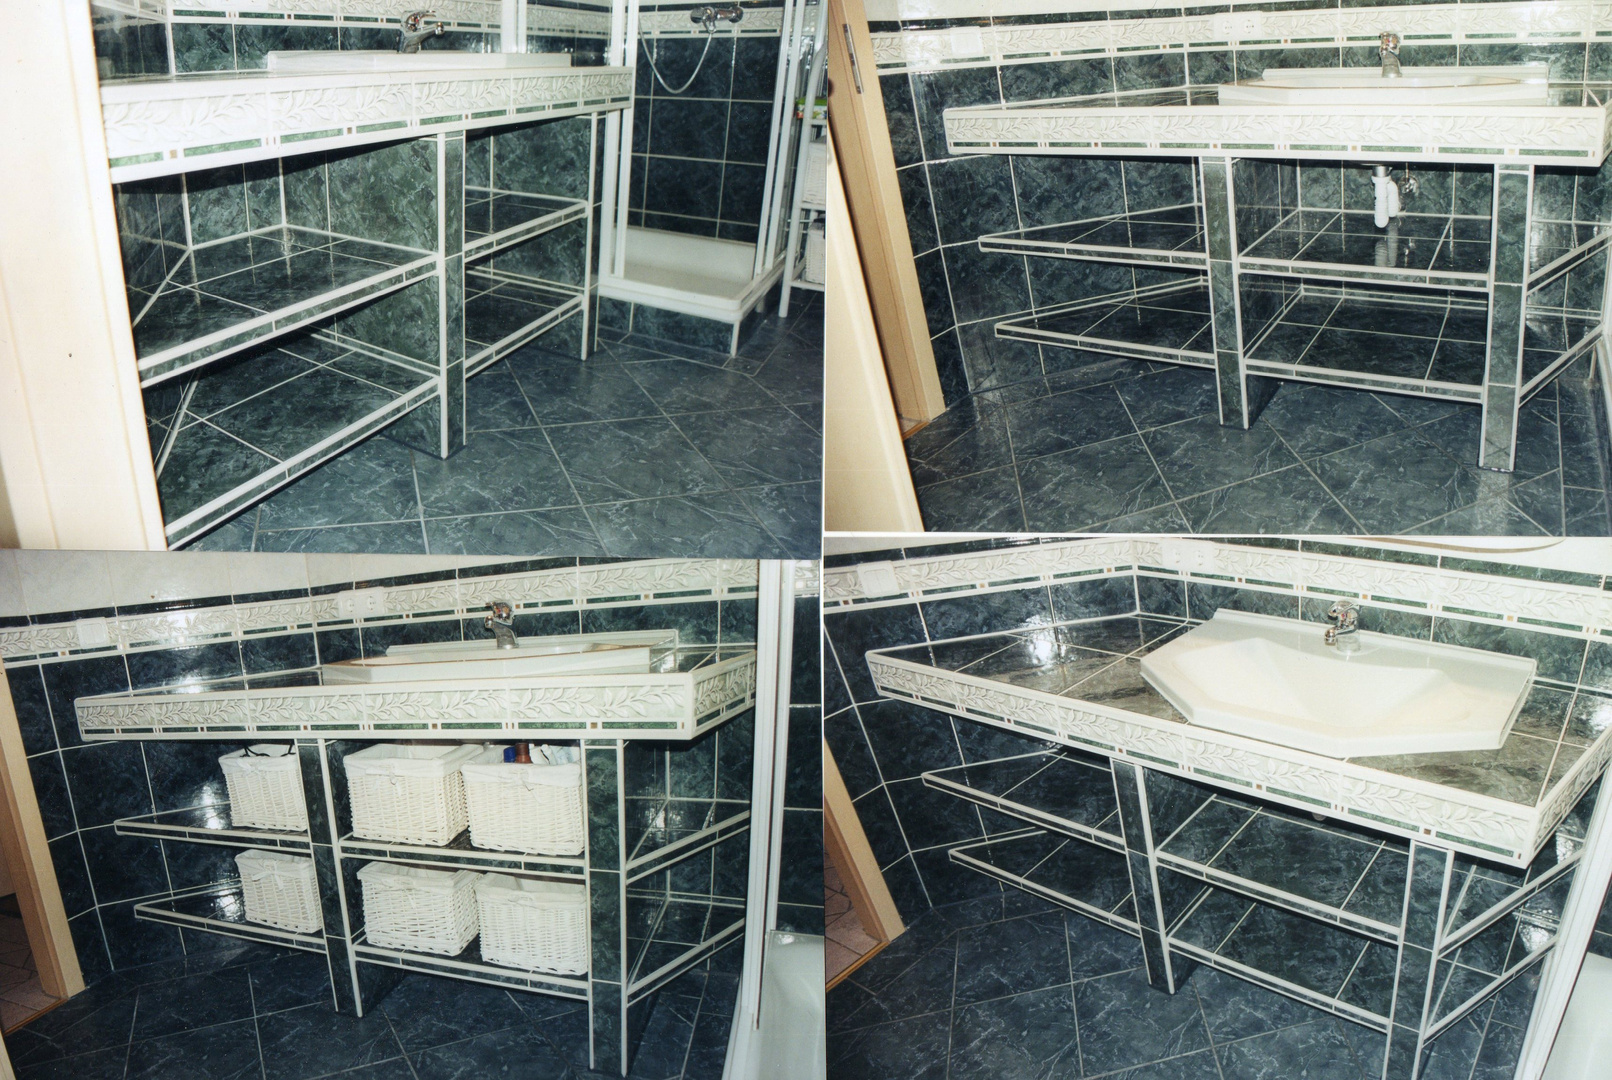 Gefliester Waschtisch gefliester waschtisch foto bild möbel alltagsdesign motive